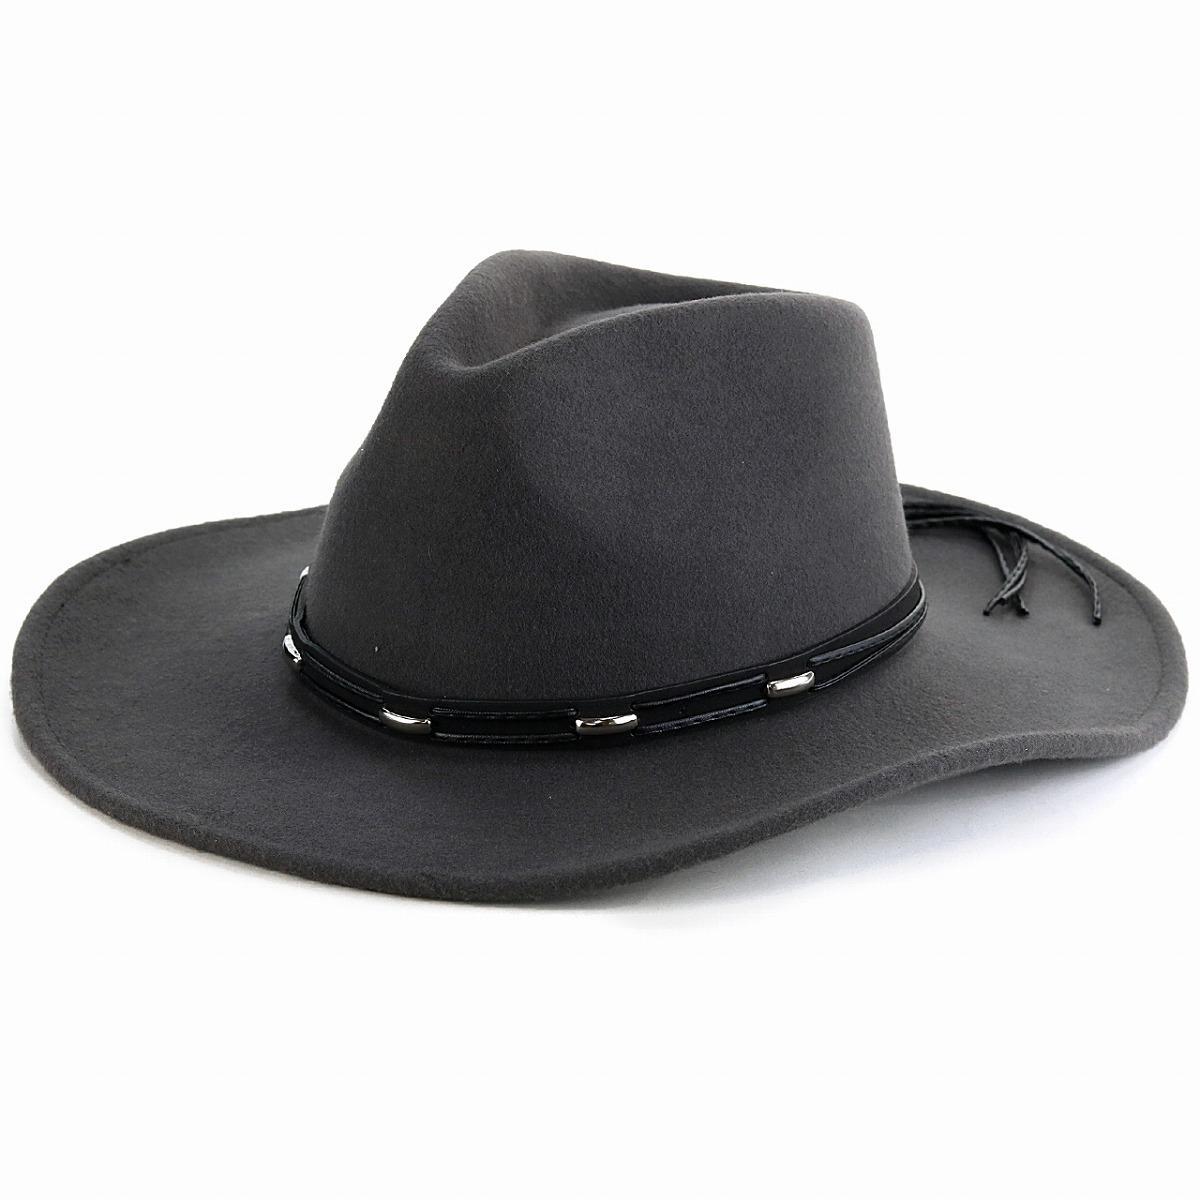 KennyK カウボーイハット メンズ ウール100% フェルト 秋冬 帽子 メンズ ウエスタンハット 中折れ ワイドブリム レディース ツバ広ハット シック LTC チャコール / グレー [ cowboy hat ] ギフト プレゼント